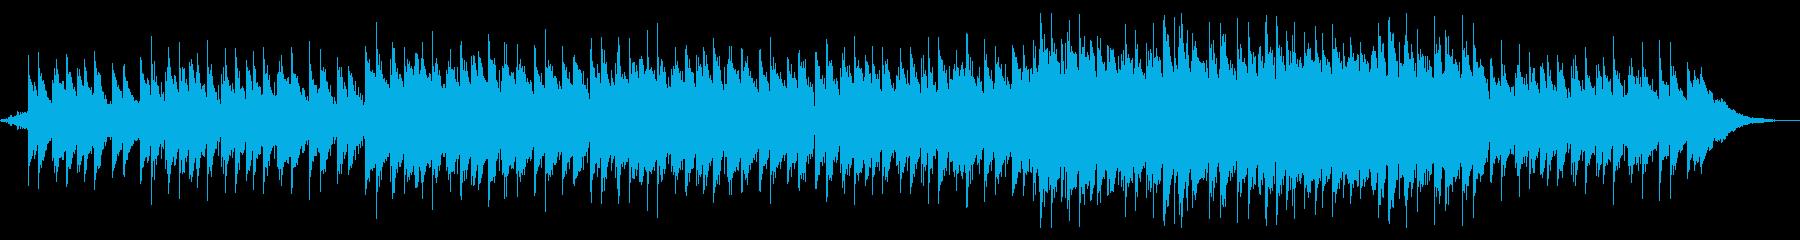 企業映像 ドラム無 感動ドキュメンタリーの再生済みの波形